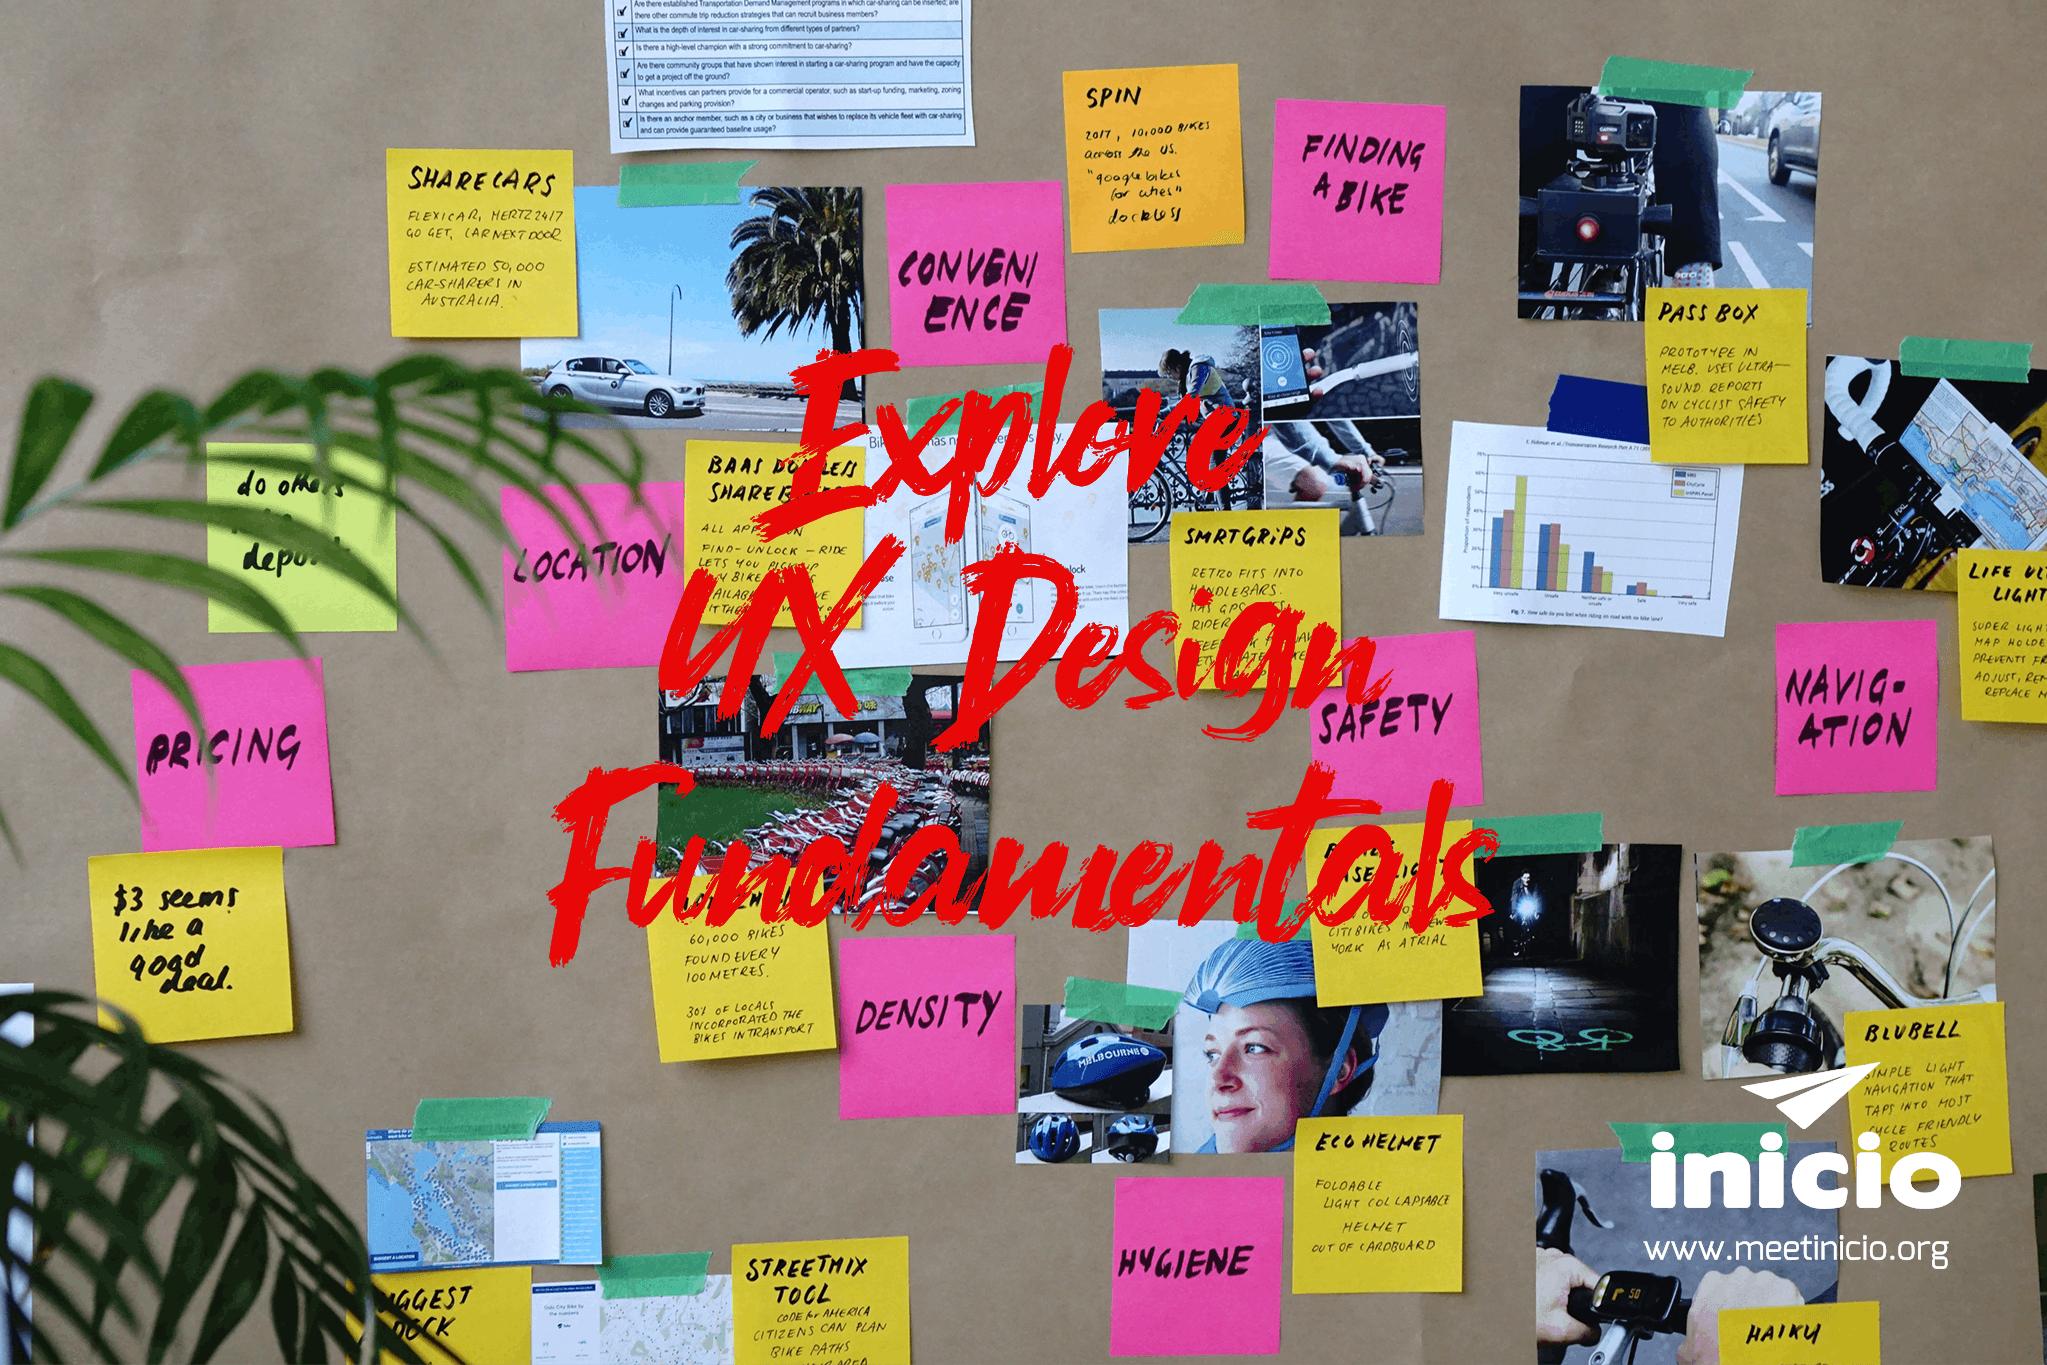 Explore UX Design | Image credit: Lum3n (Unsplash)